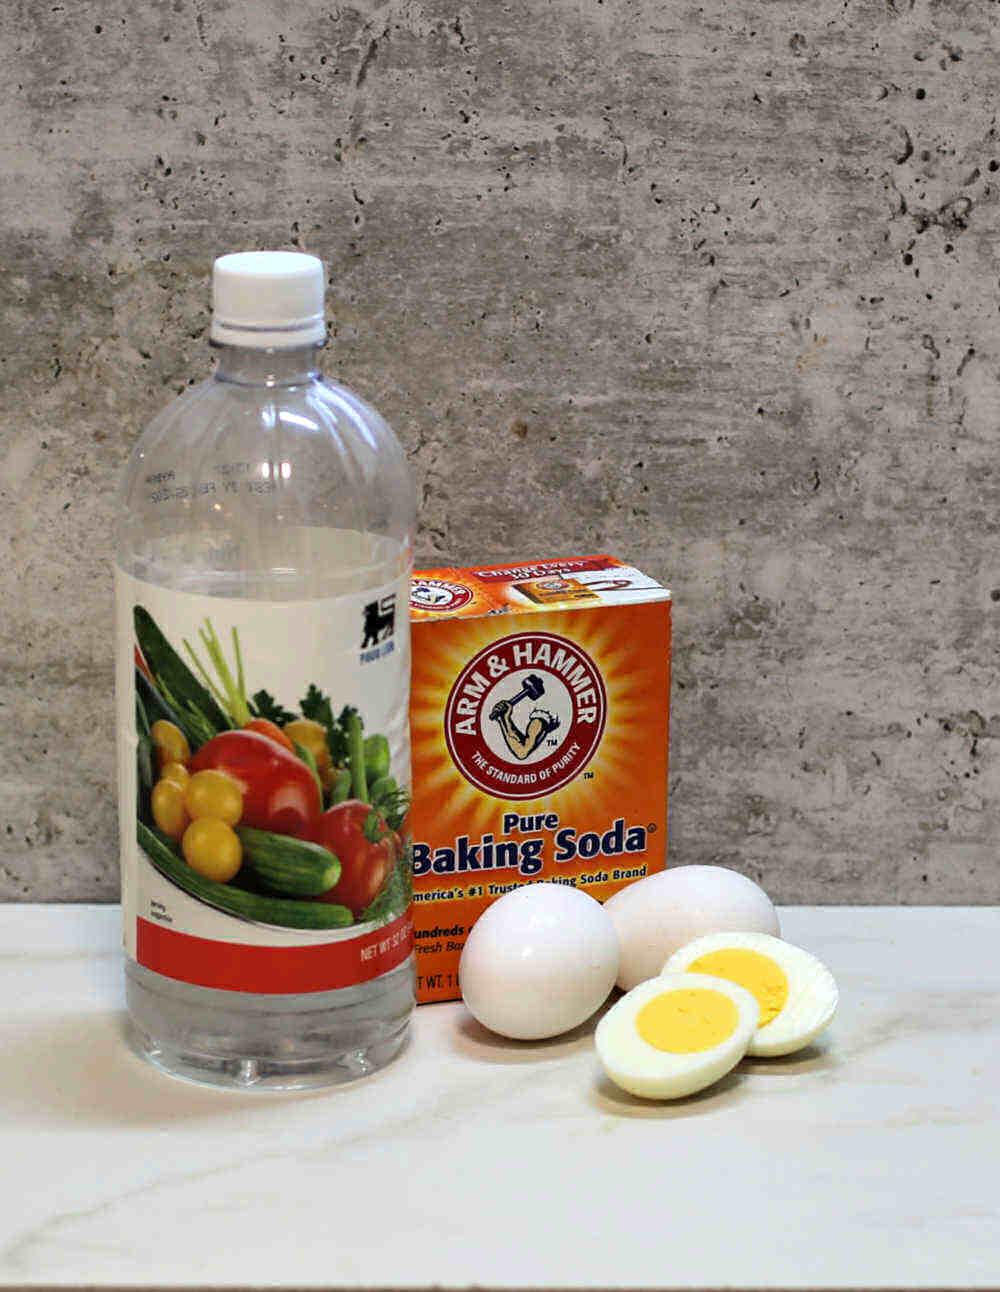 Vinegar, baking soda, eggs, hard boiled egg slices.